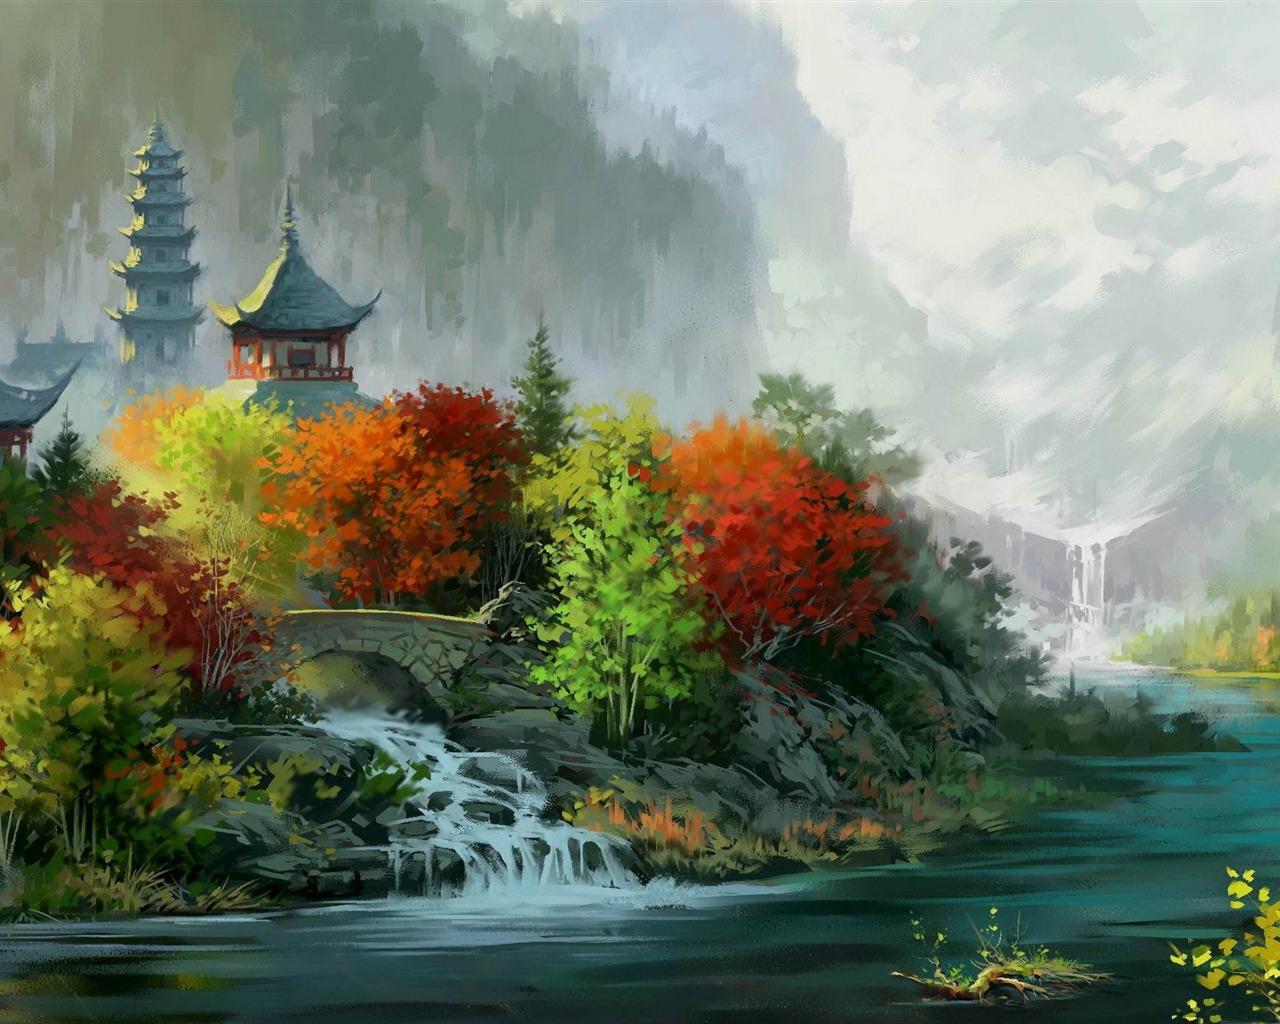 描述: 秋天的颜色-绘画作品高清壁纸 当前壁纸尺寸: 1280 x 1024图片